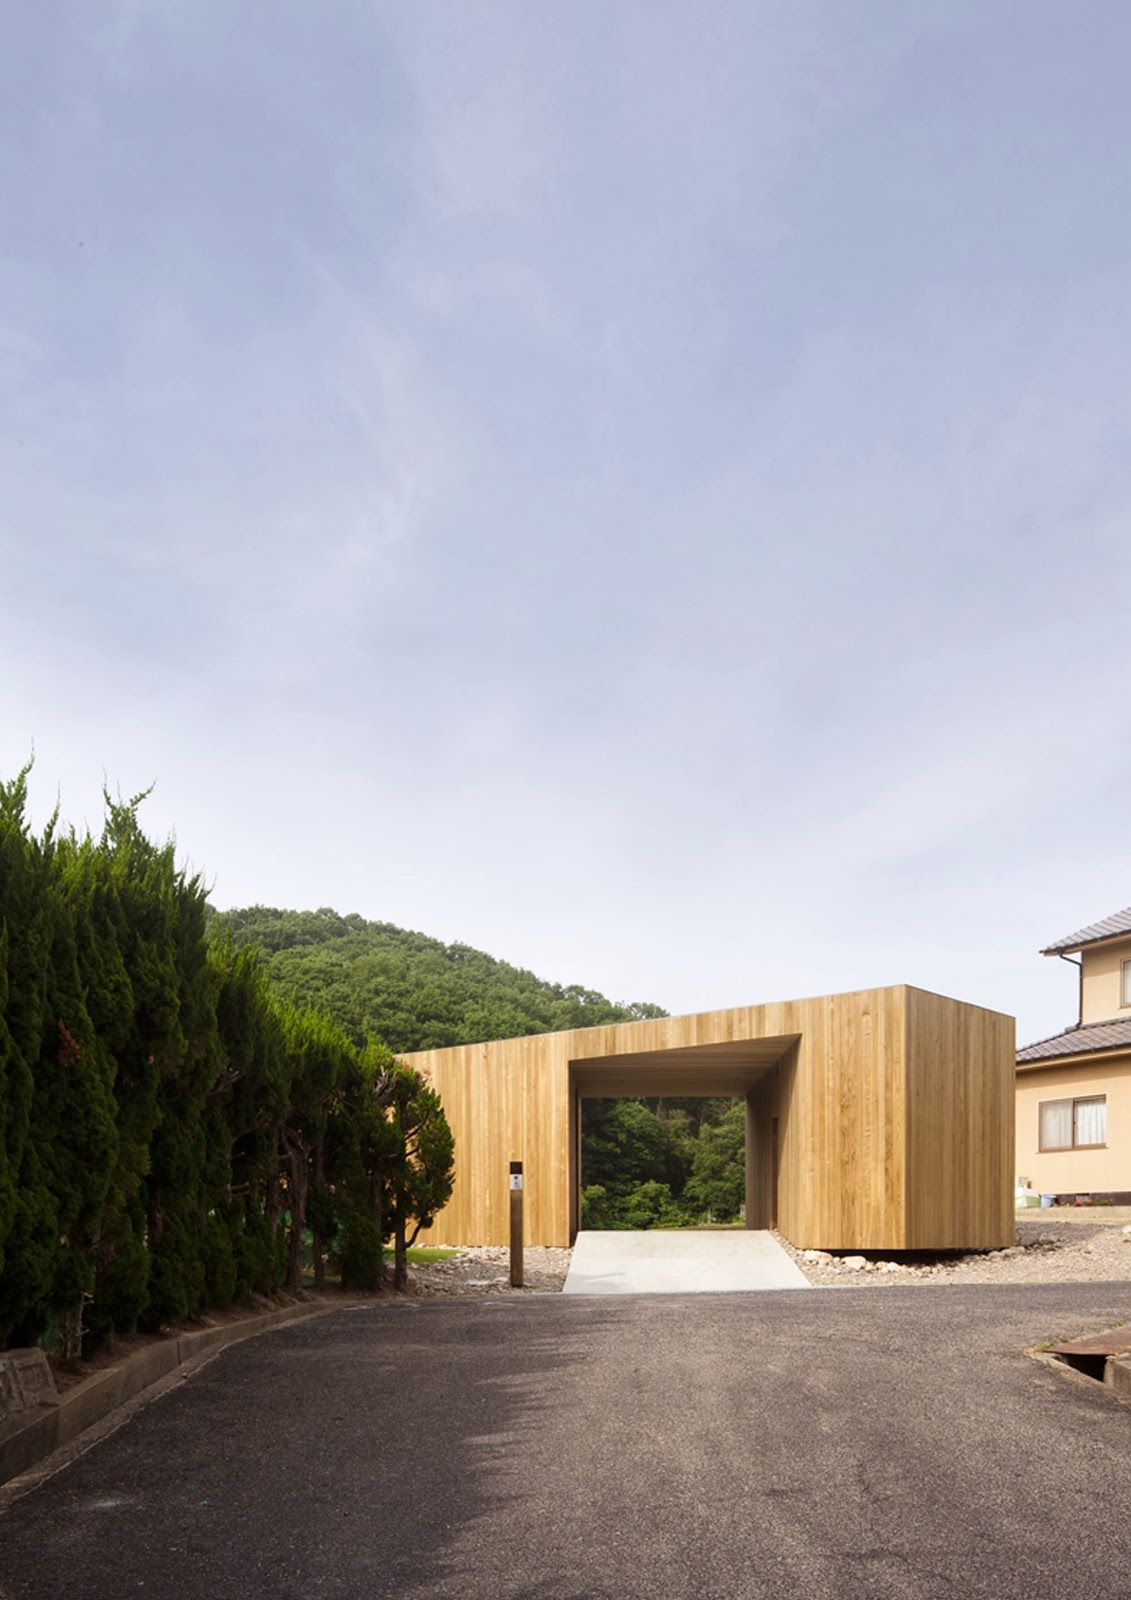 Auvent en bois visuellement monolithique